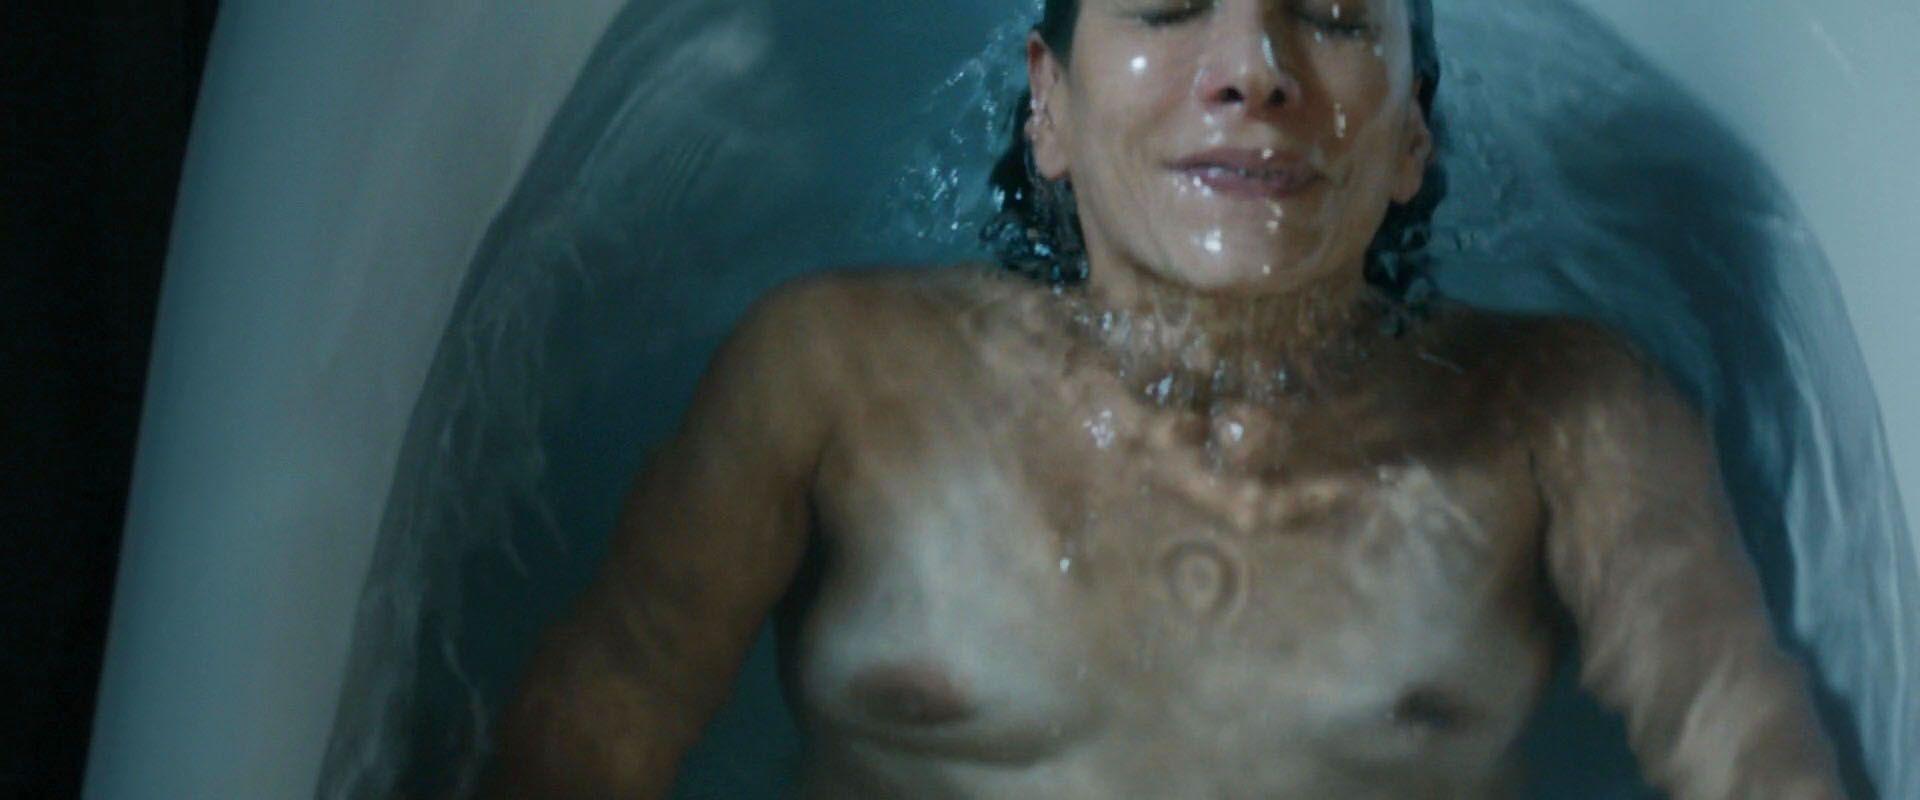 telemundo hot women nude